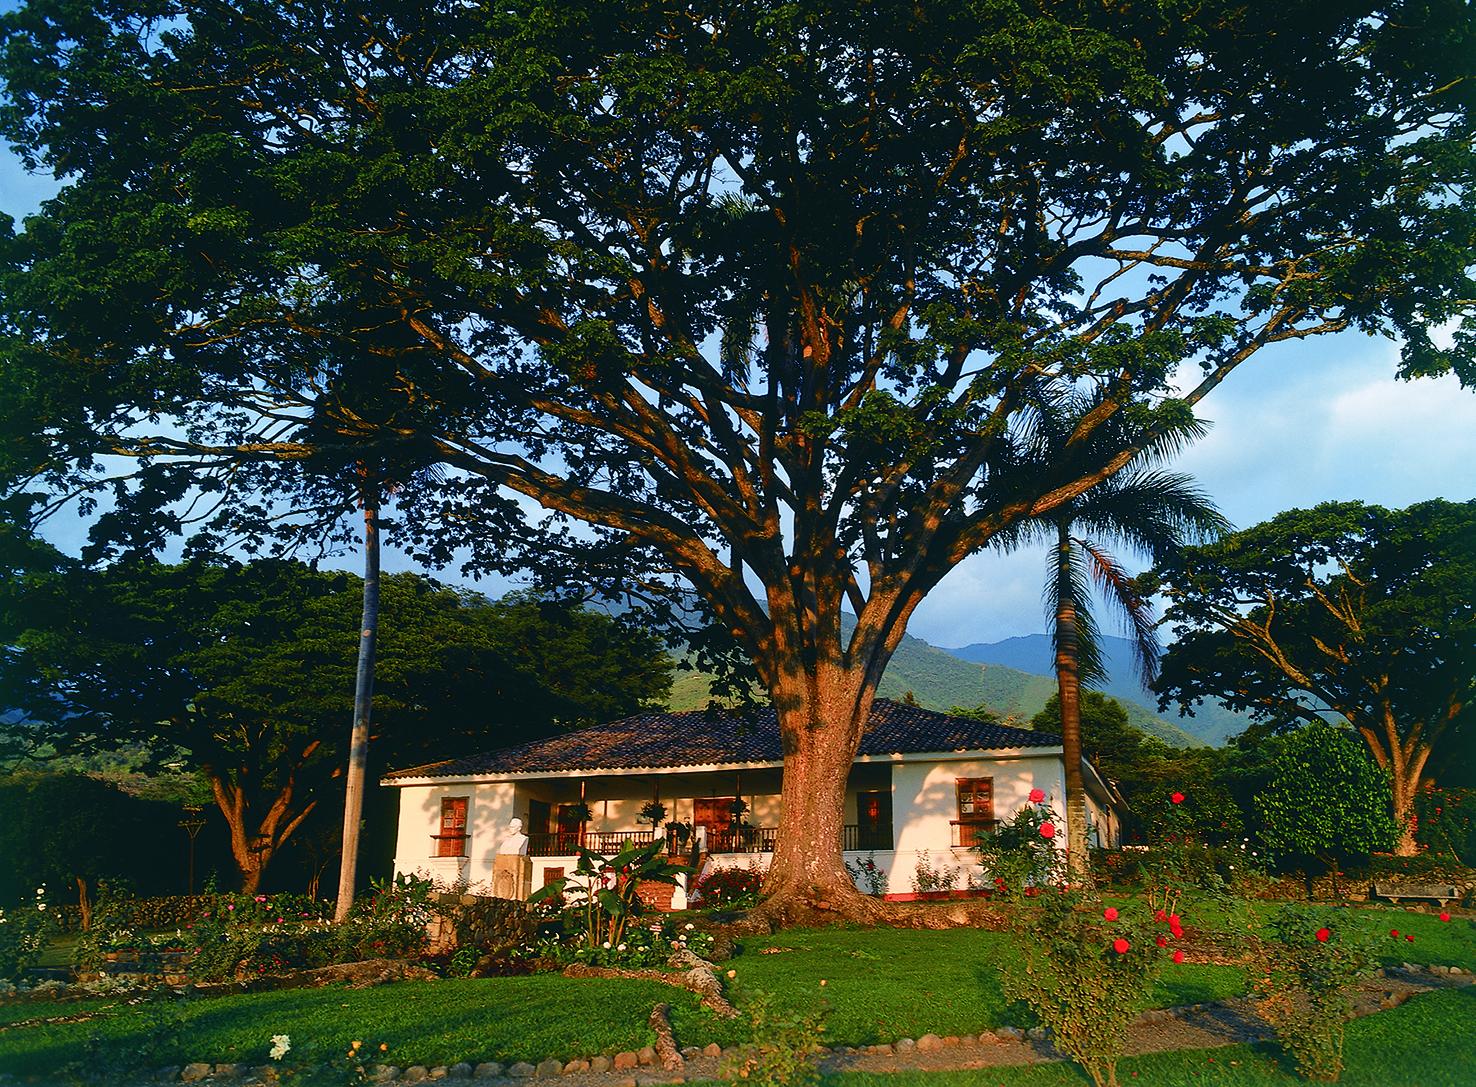 (1) La Arquitectura en el Paisaje_La casa de la Sierra de la hacienda El Paraíso, rememorada en María de Jorge Isaacs © Sylvia Patiño para LOFscapes.jpg